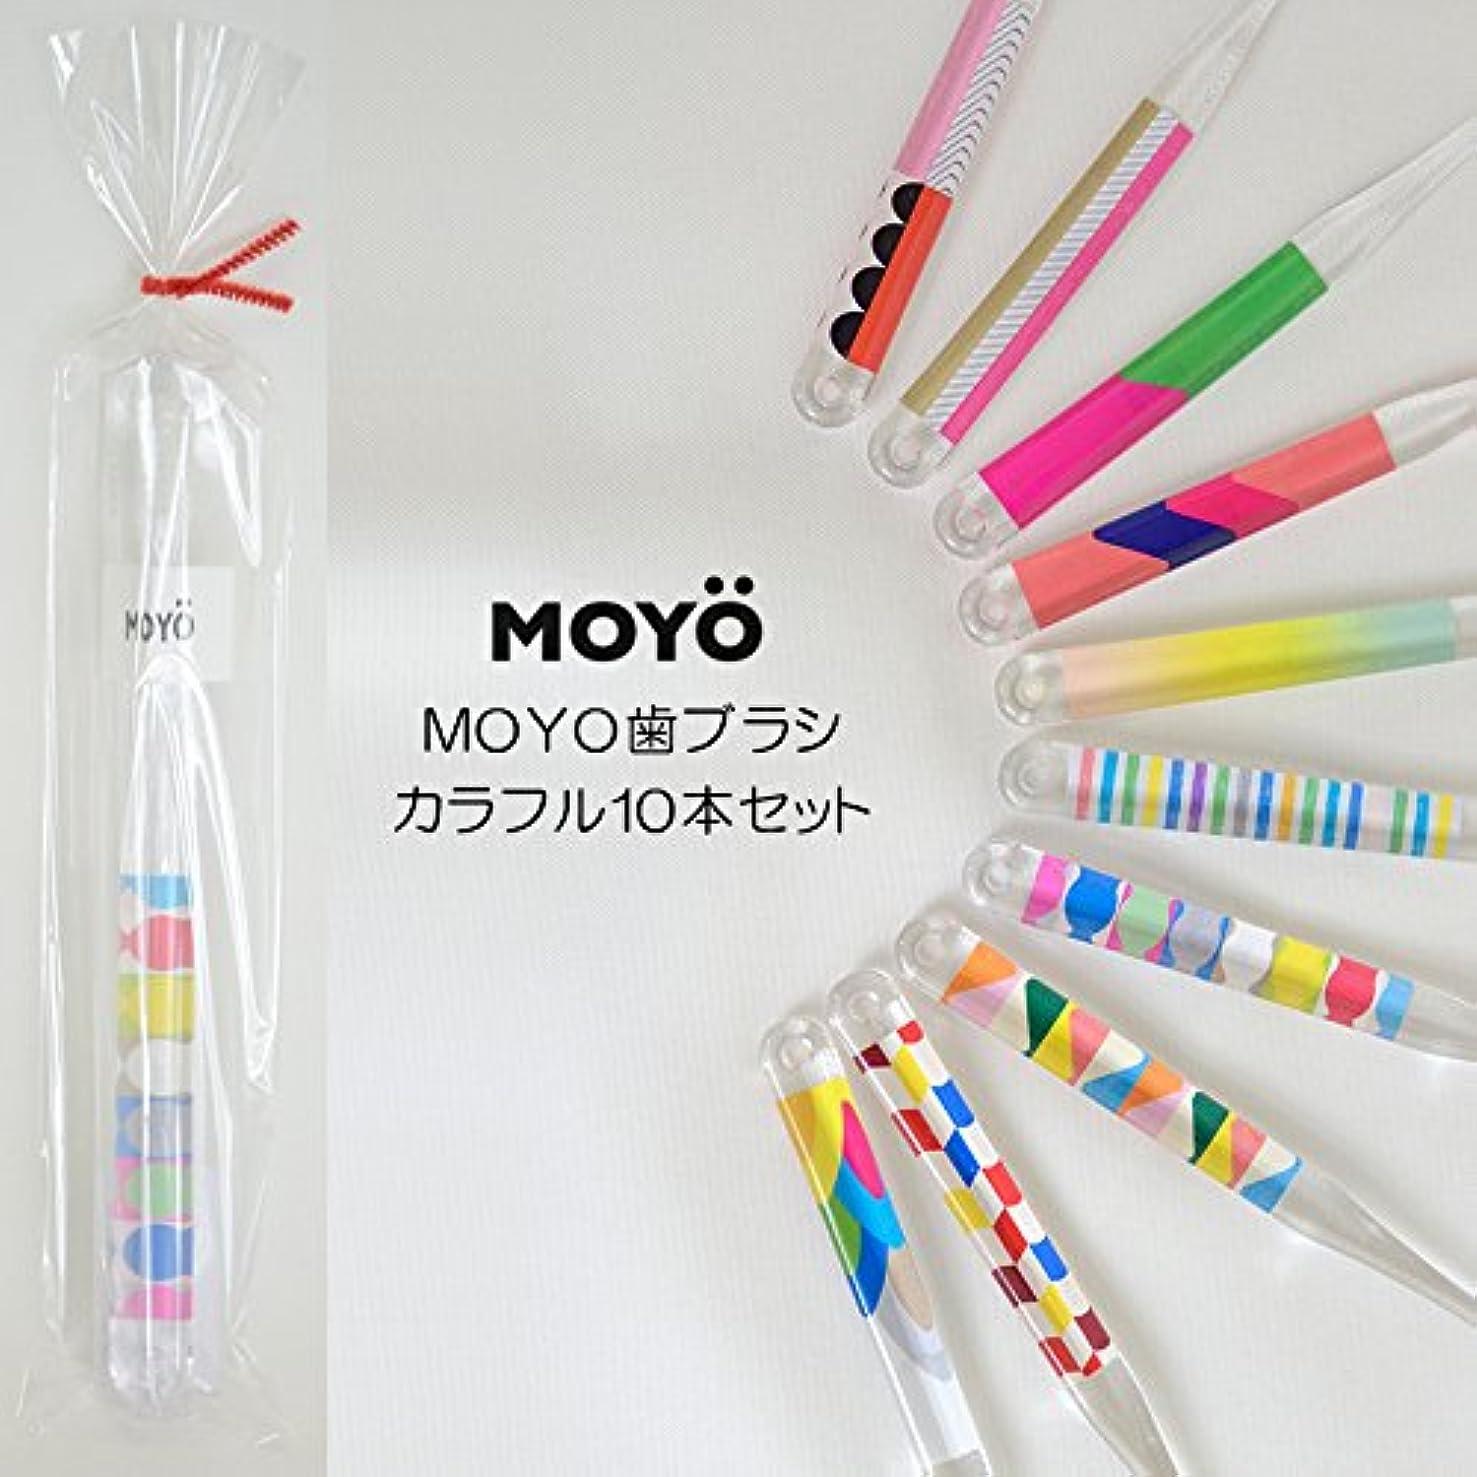 心から嫌がらせ意味するMOYO モヨウ カラフル10本 プチ ギフト セット_562302-colorful 【F】,カラフル10本セット